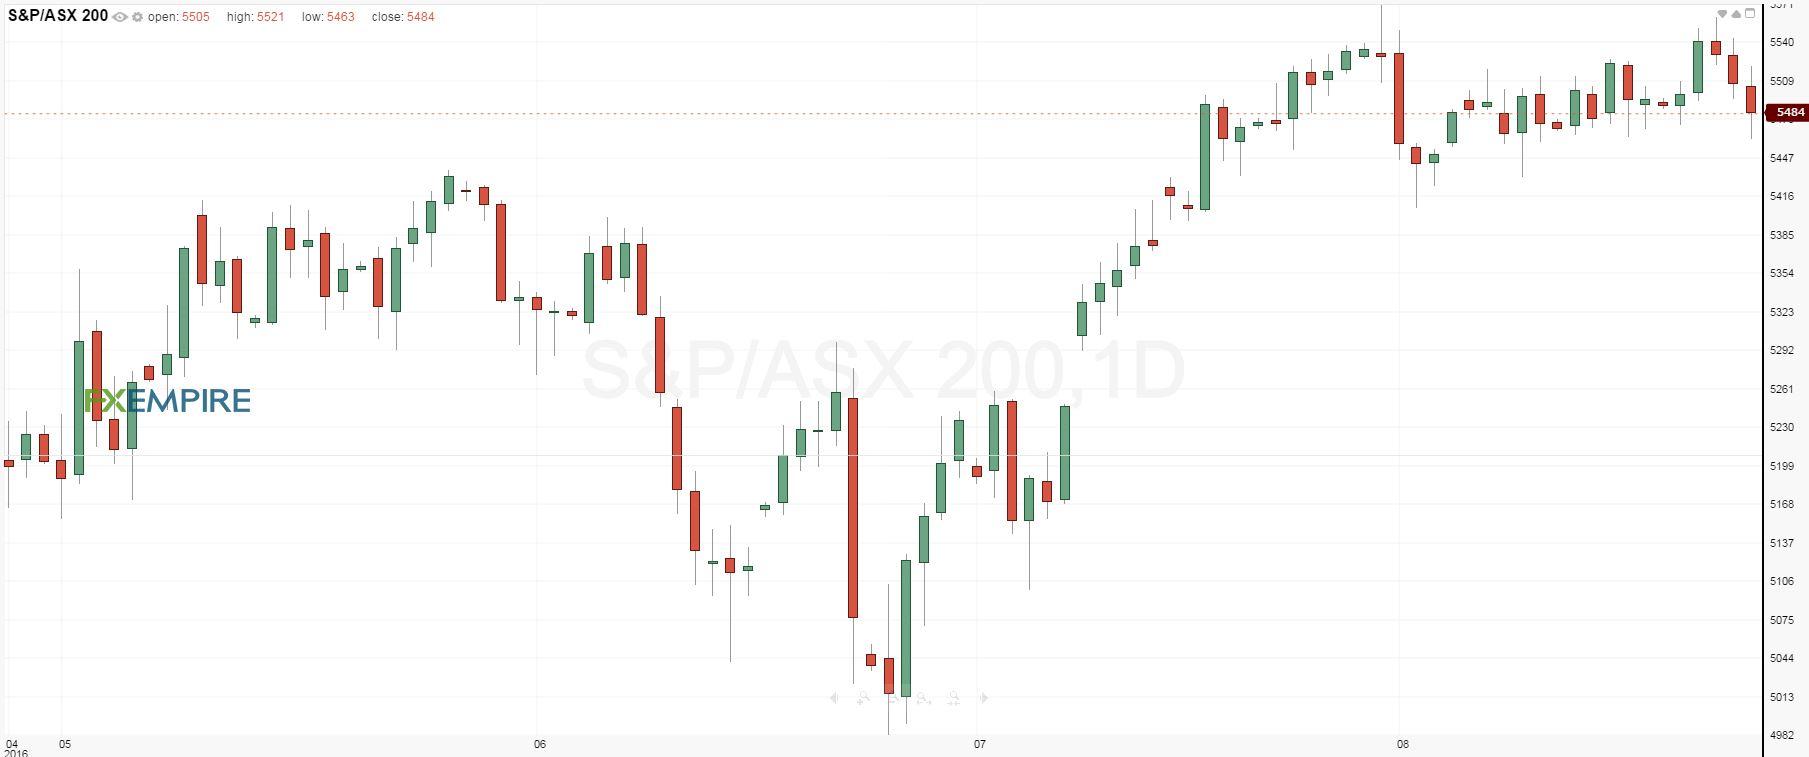 S&P/ASX 200 Index